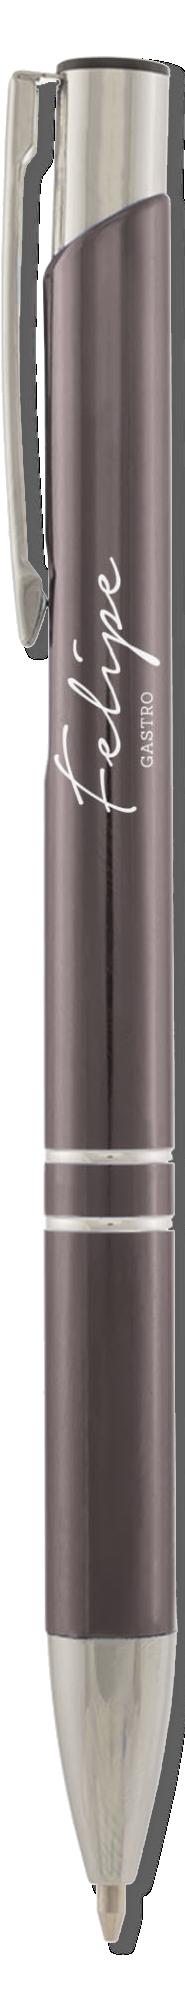 Paragon Pen